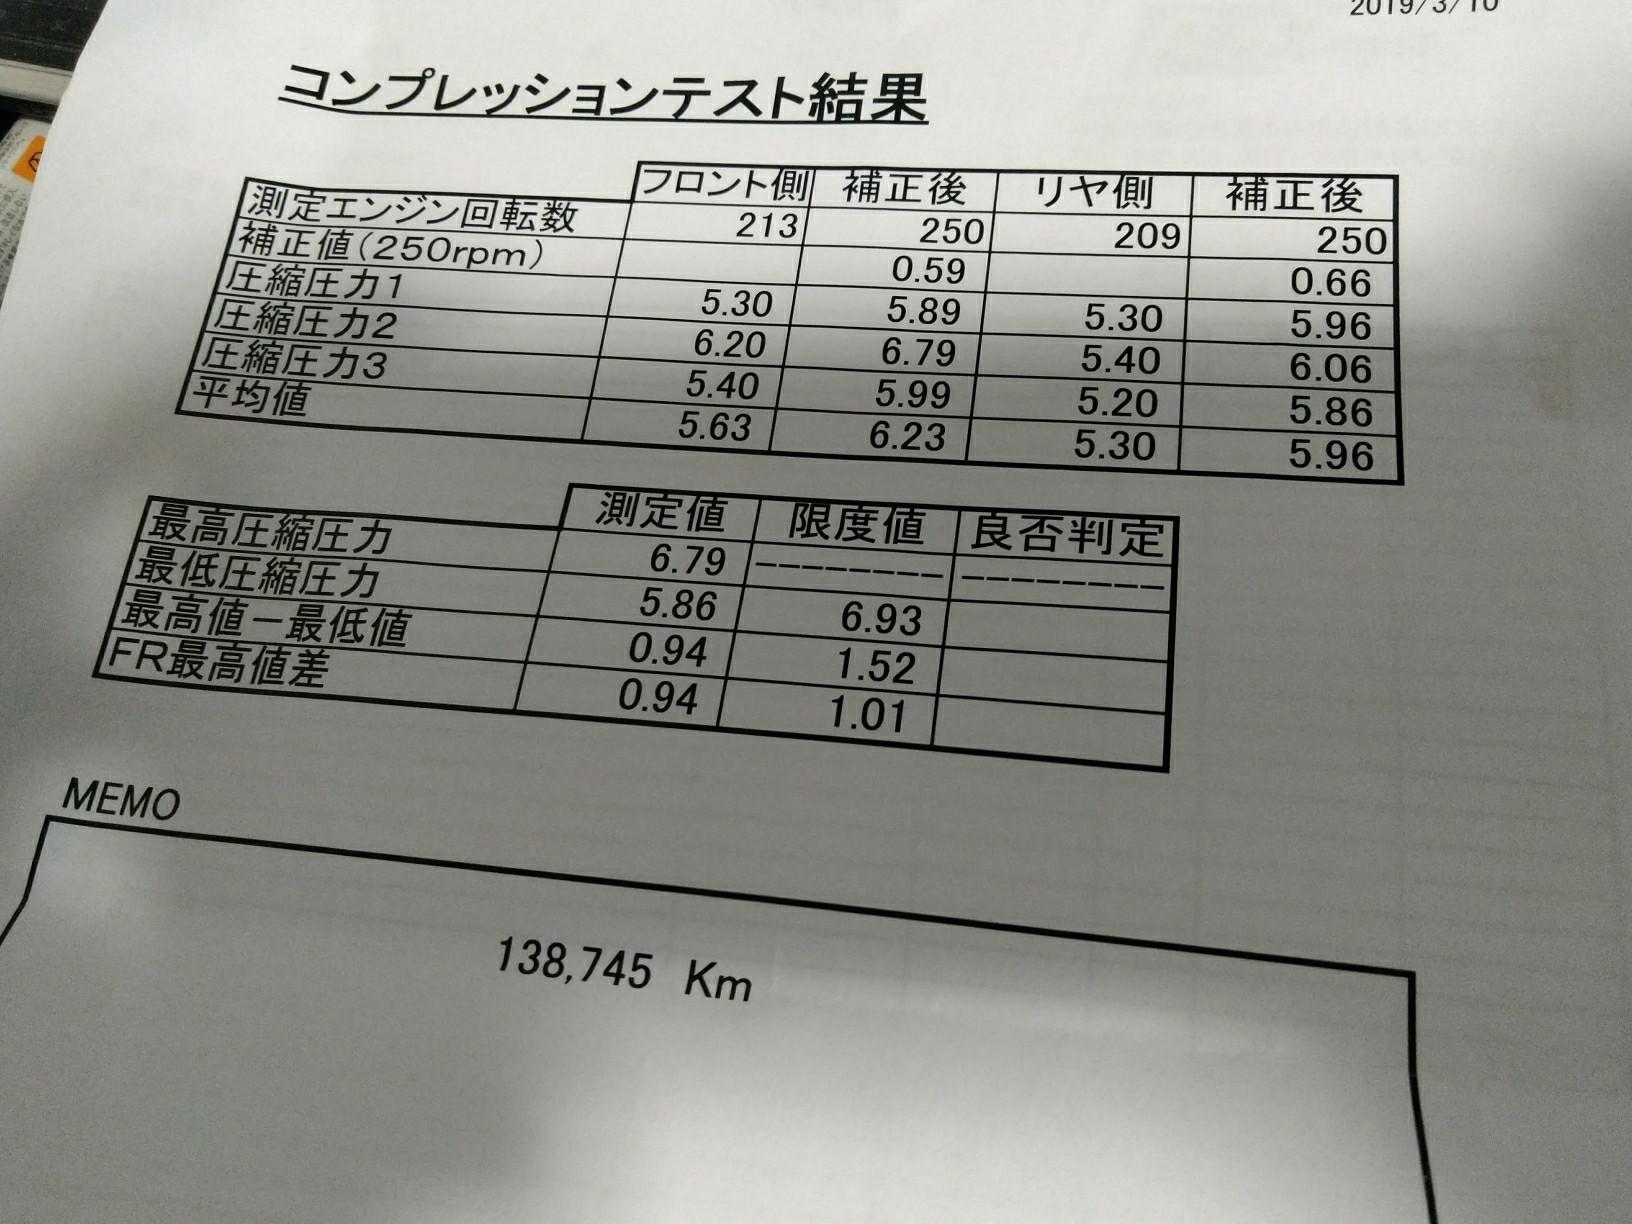 【忘備録】圧縮測定